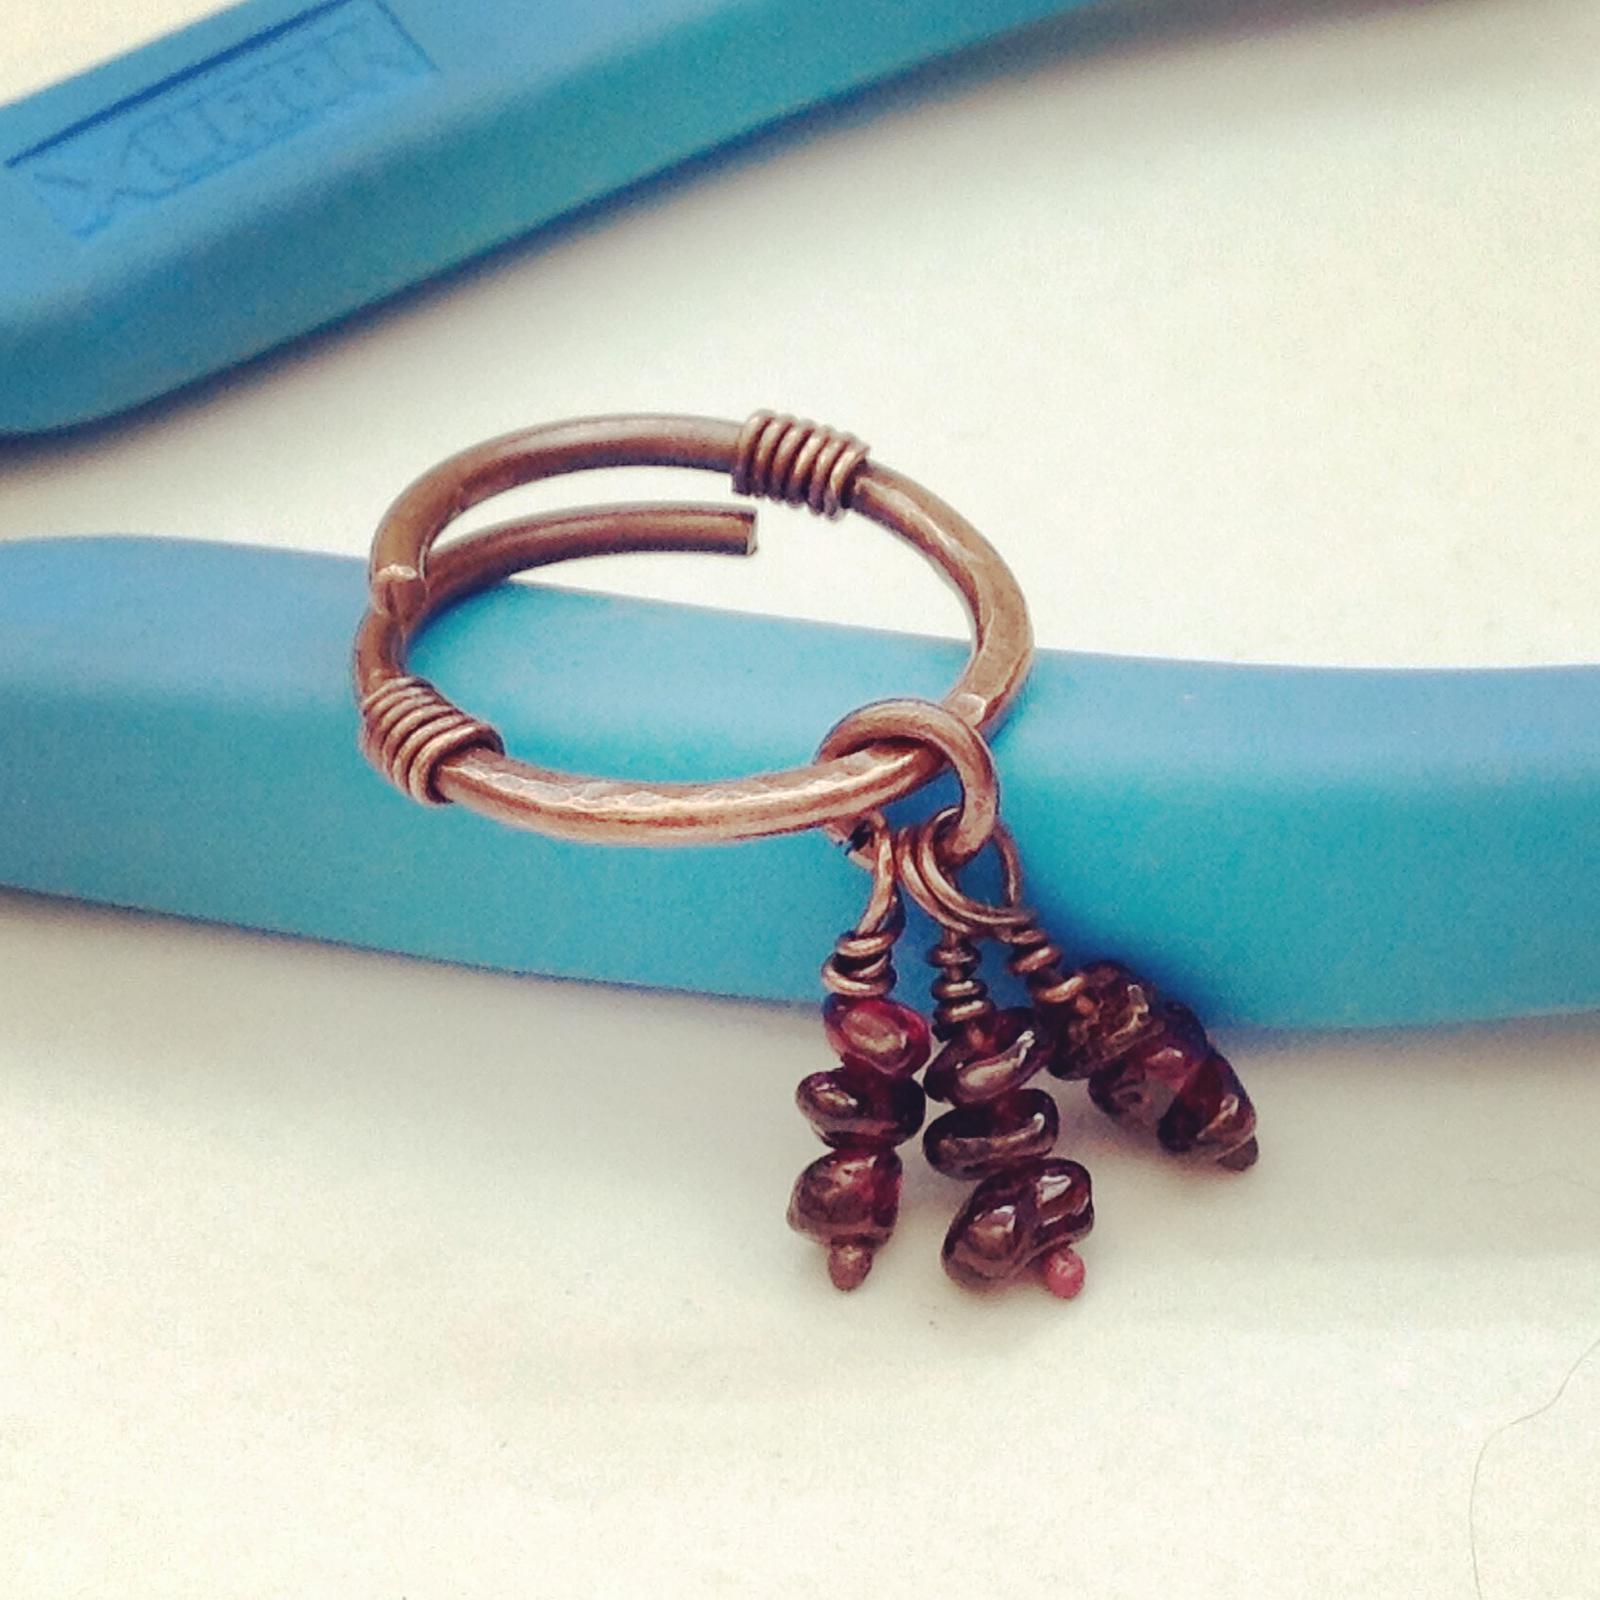 Plug or tunnel earring